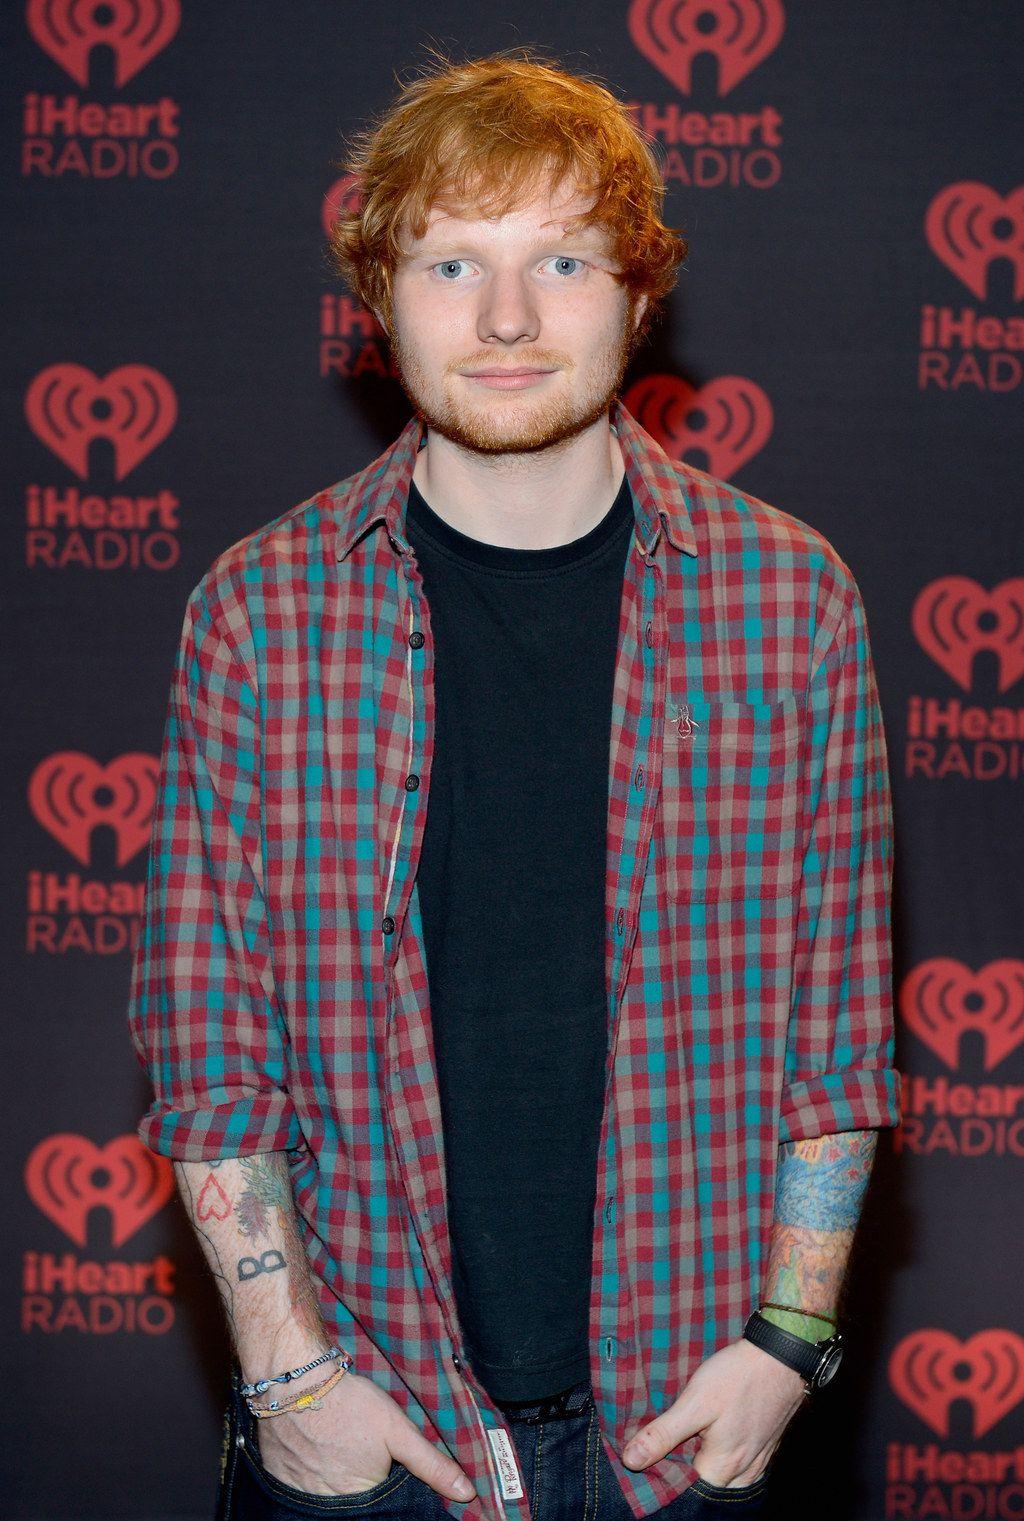 Ed sheeran in 2020 ed sheeran celebrities the parting